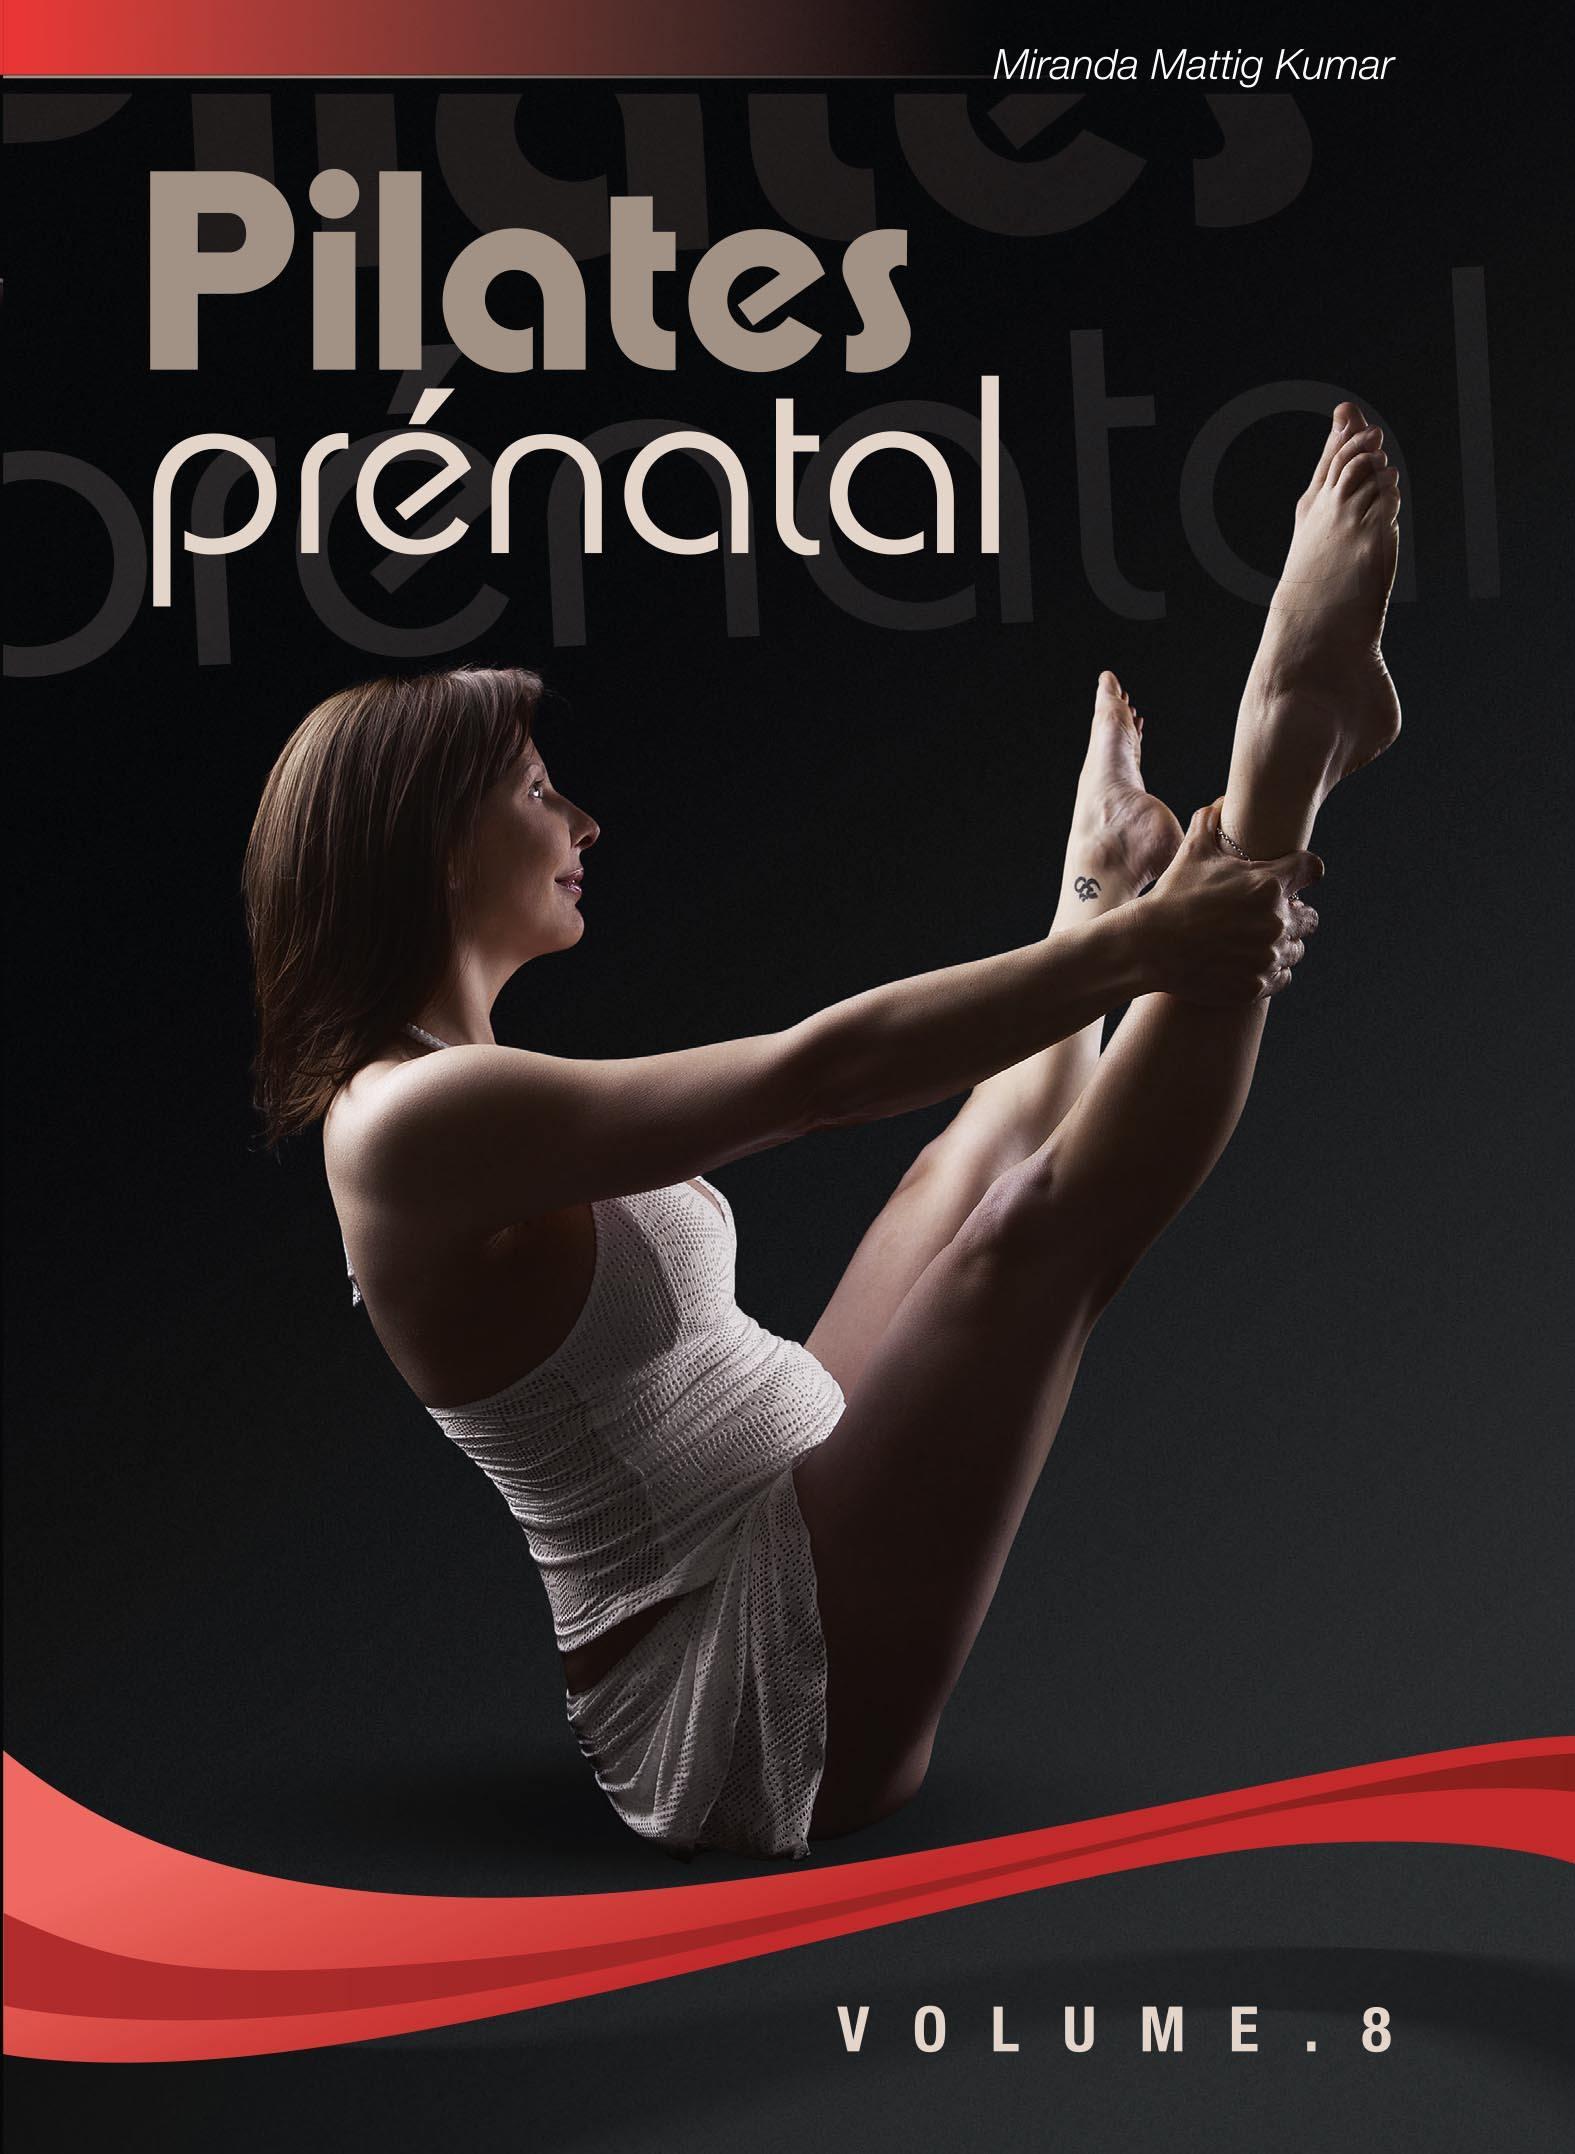 Pilates prenatal - dvd